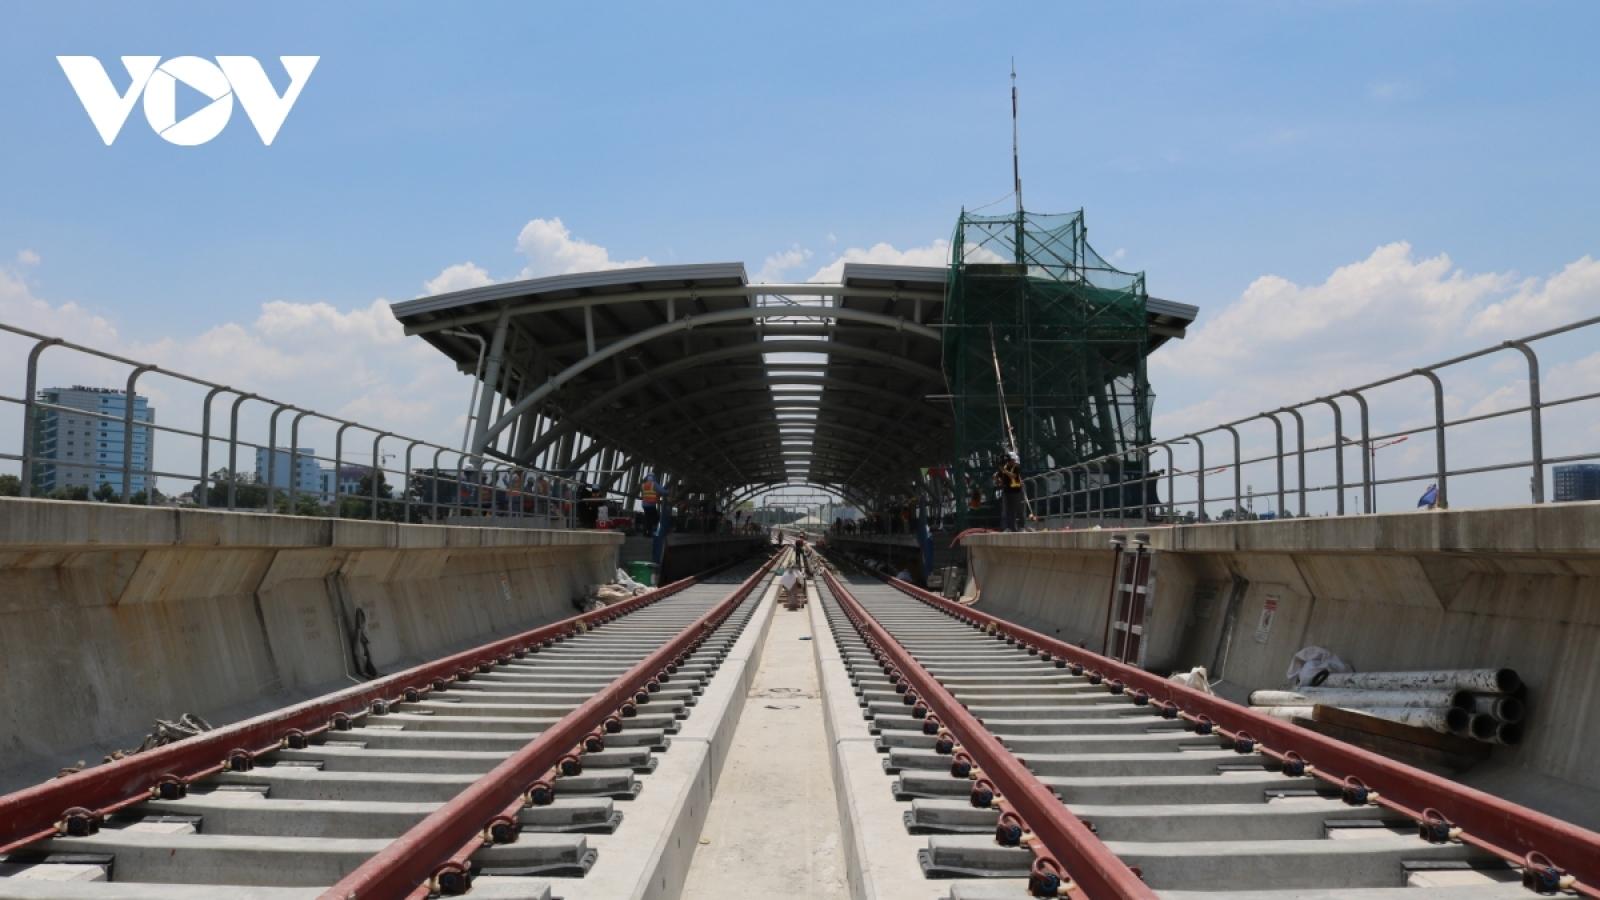 Tháo gỡ khó khăn về vốn, đảm bảo tiến độ xây dựng 2 tuyến Metro số 1 và số 2